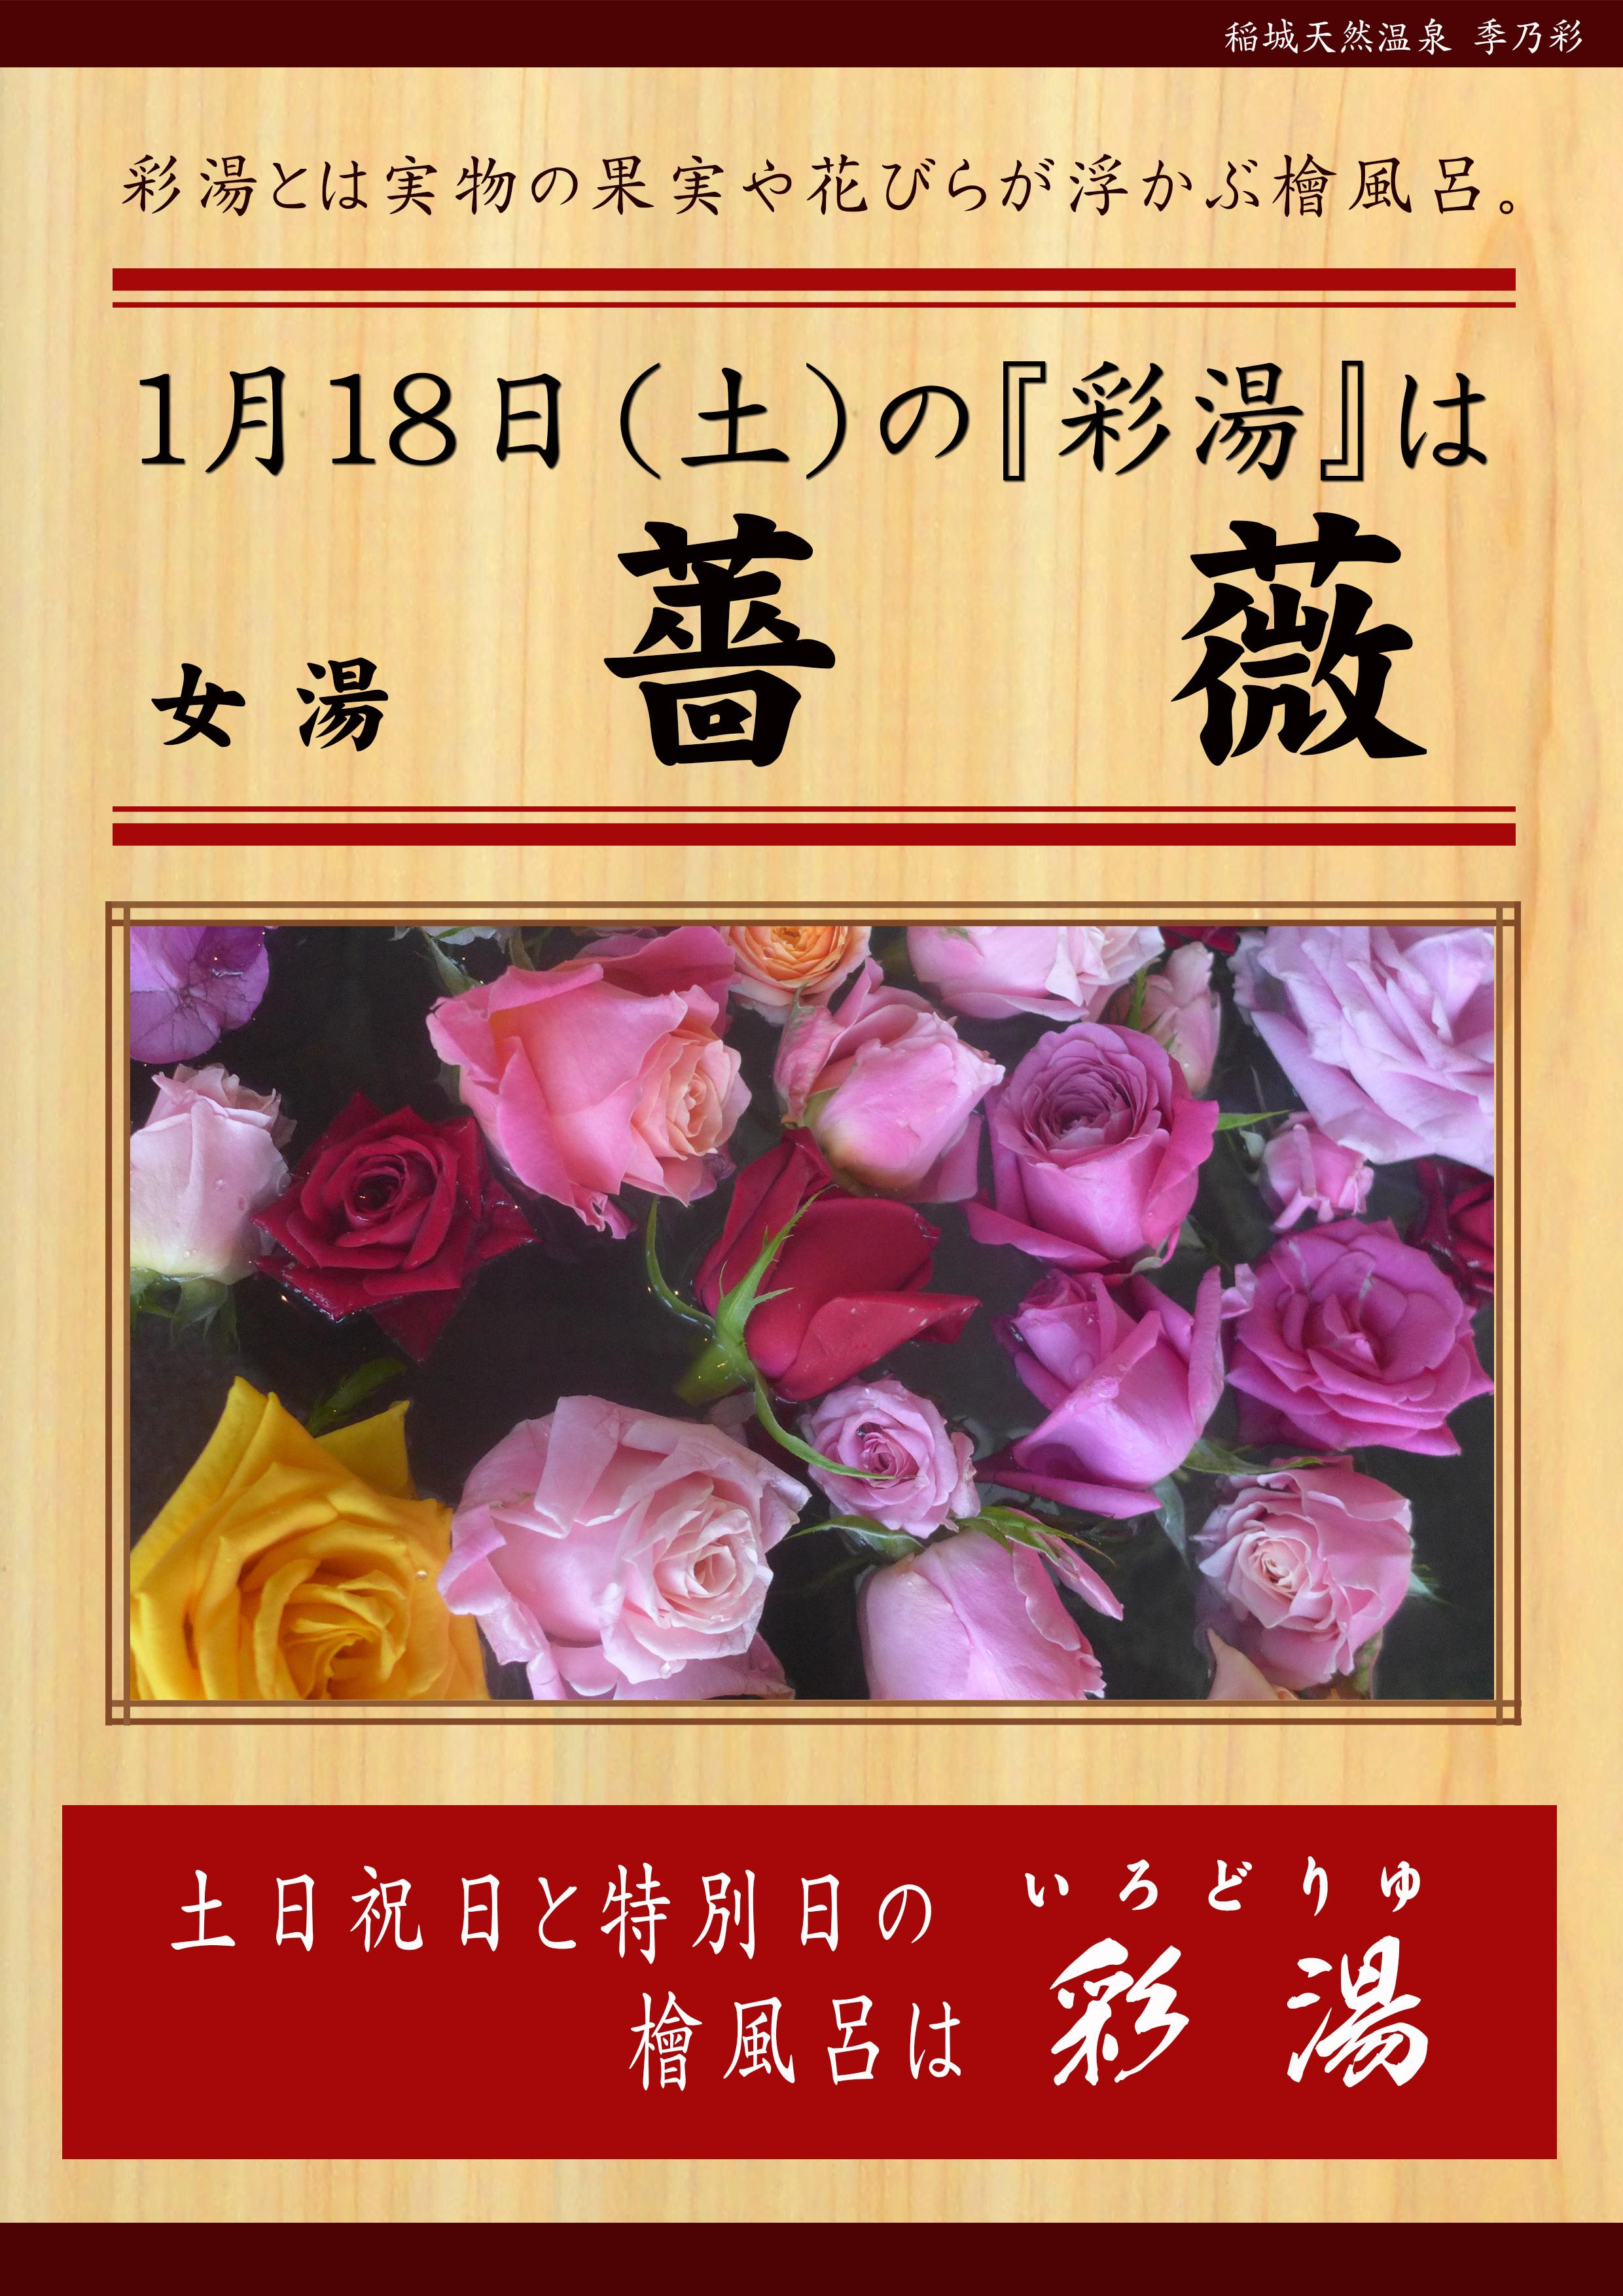 20200118 POP イベント 彩湯 女湯 薔薇